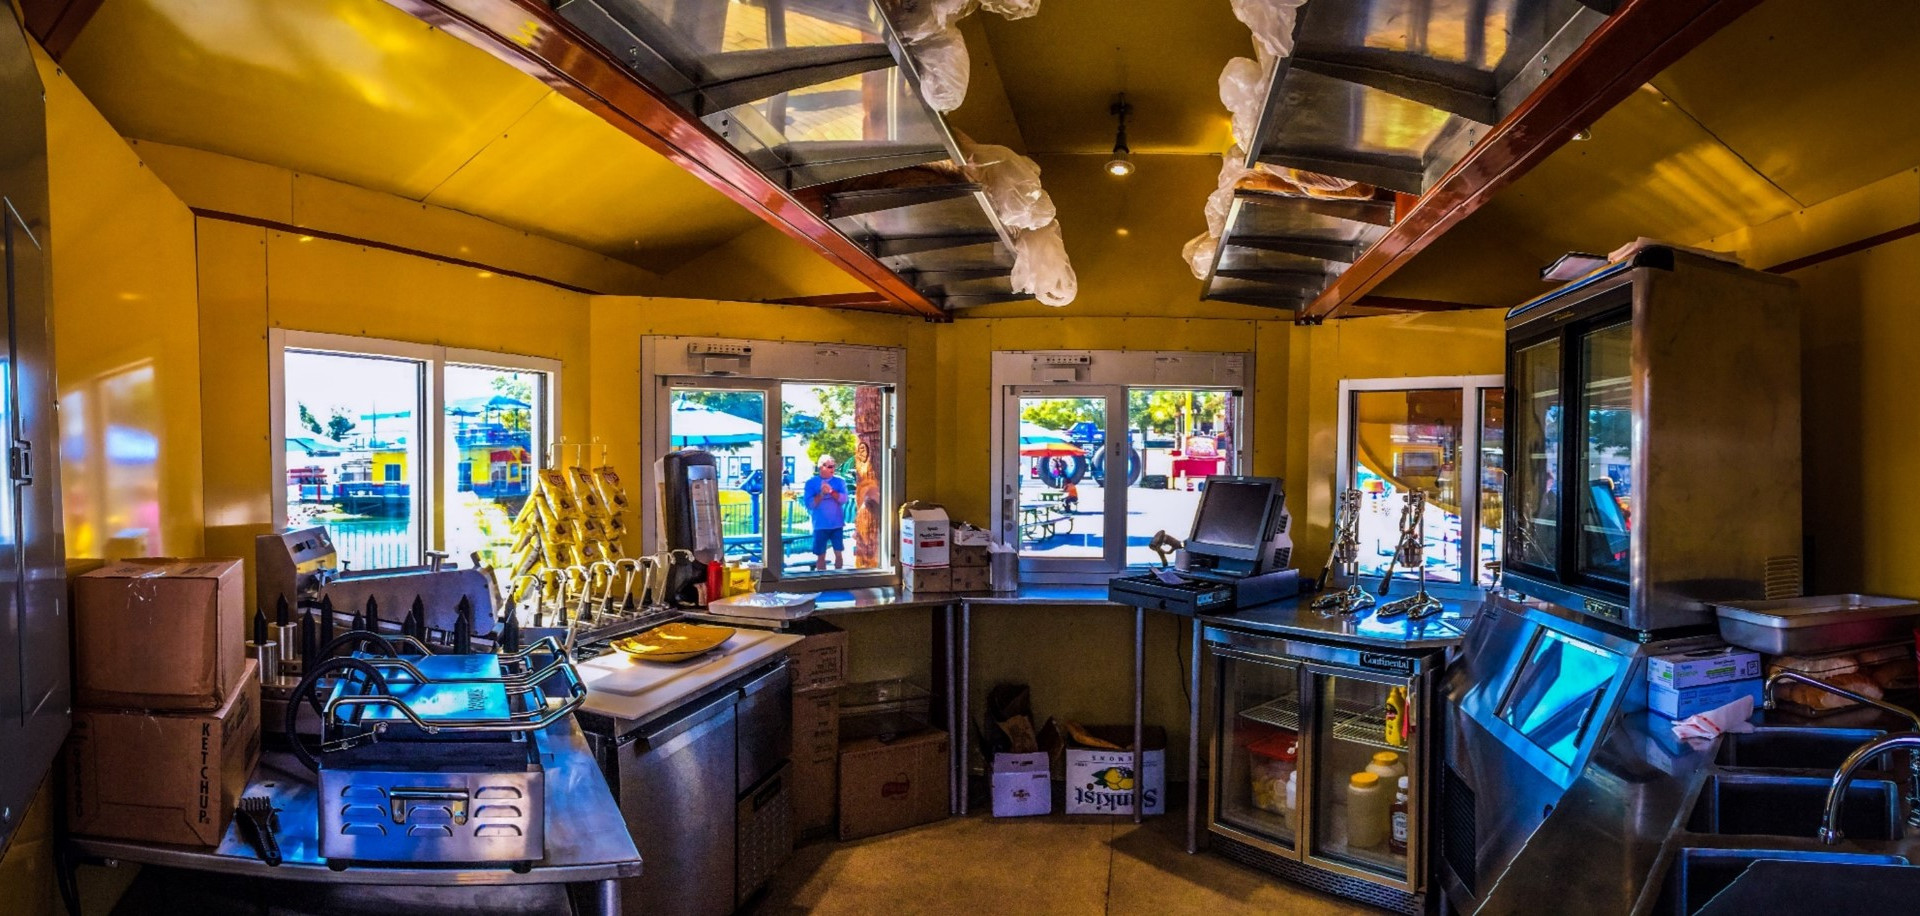 Honolulu Hot Dog Kiosk Fun Spot